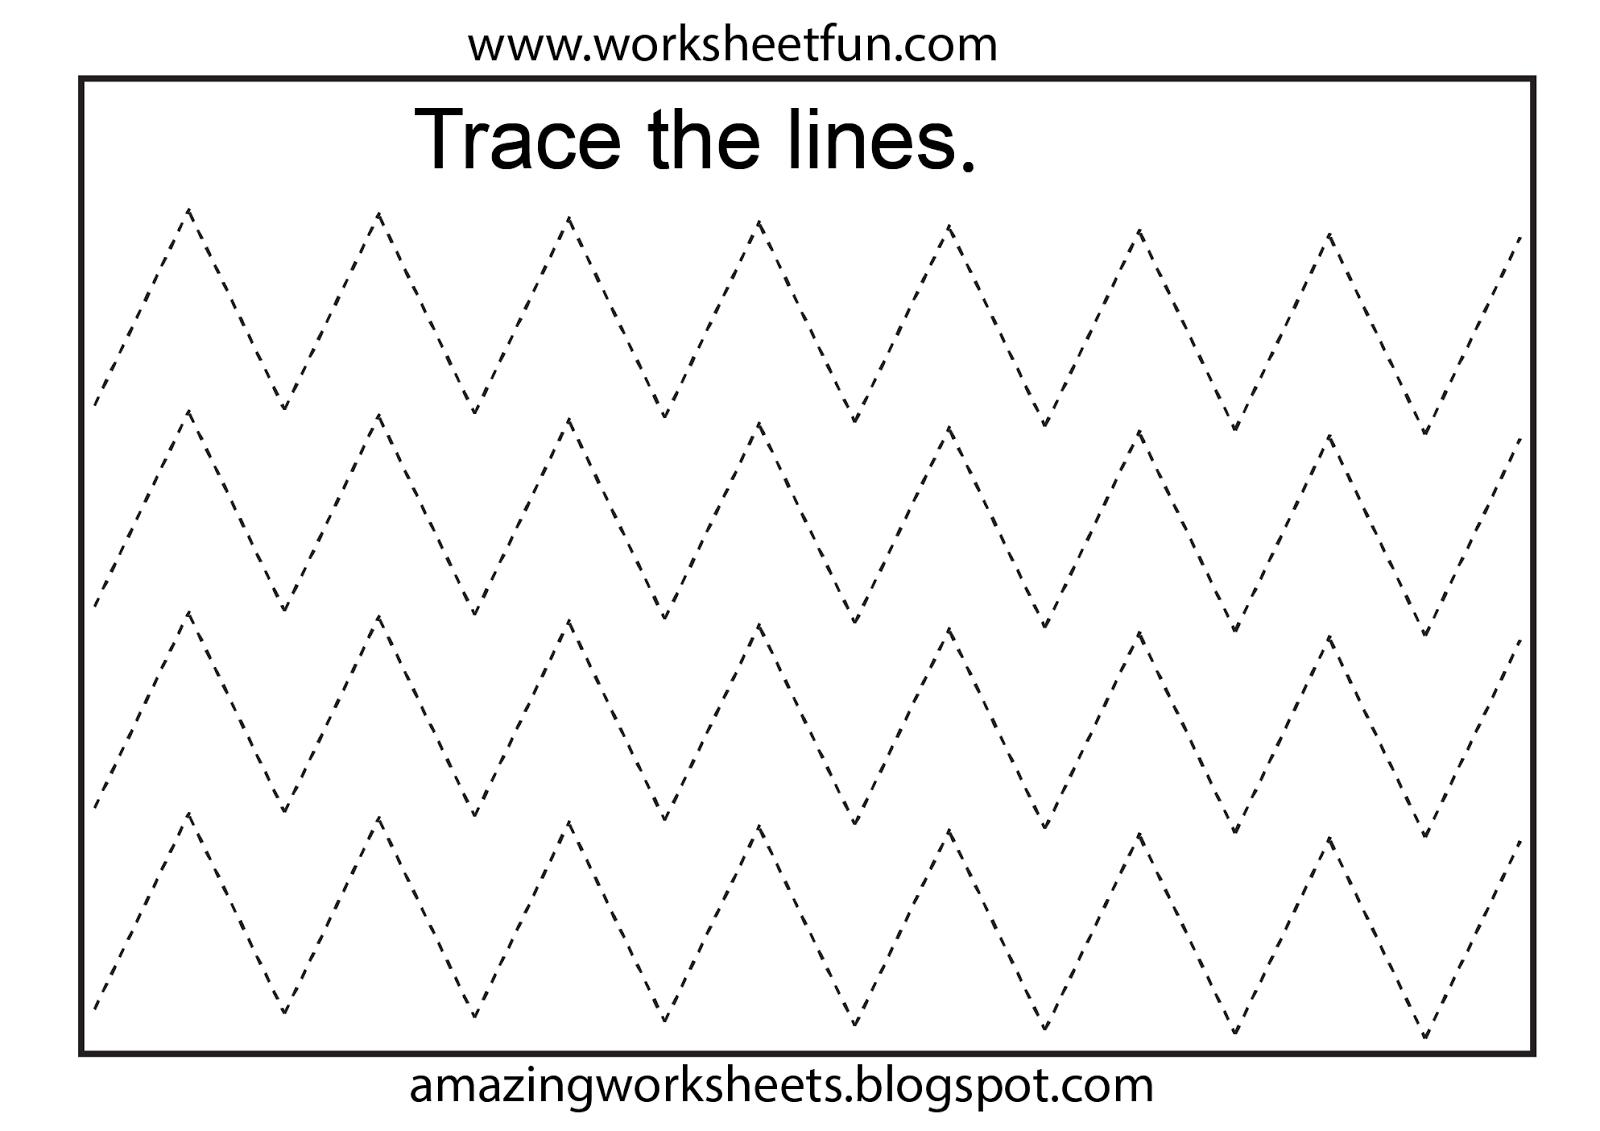 Worksheetfun - Free Printable Worksheets   Toddler Worksheets - Free Printable Preschool Worksheets Tracing Lines